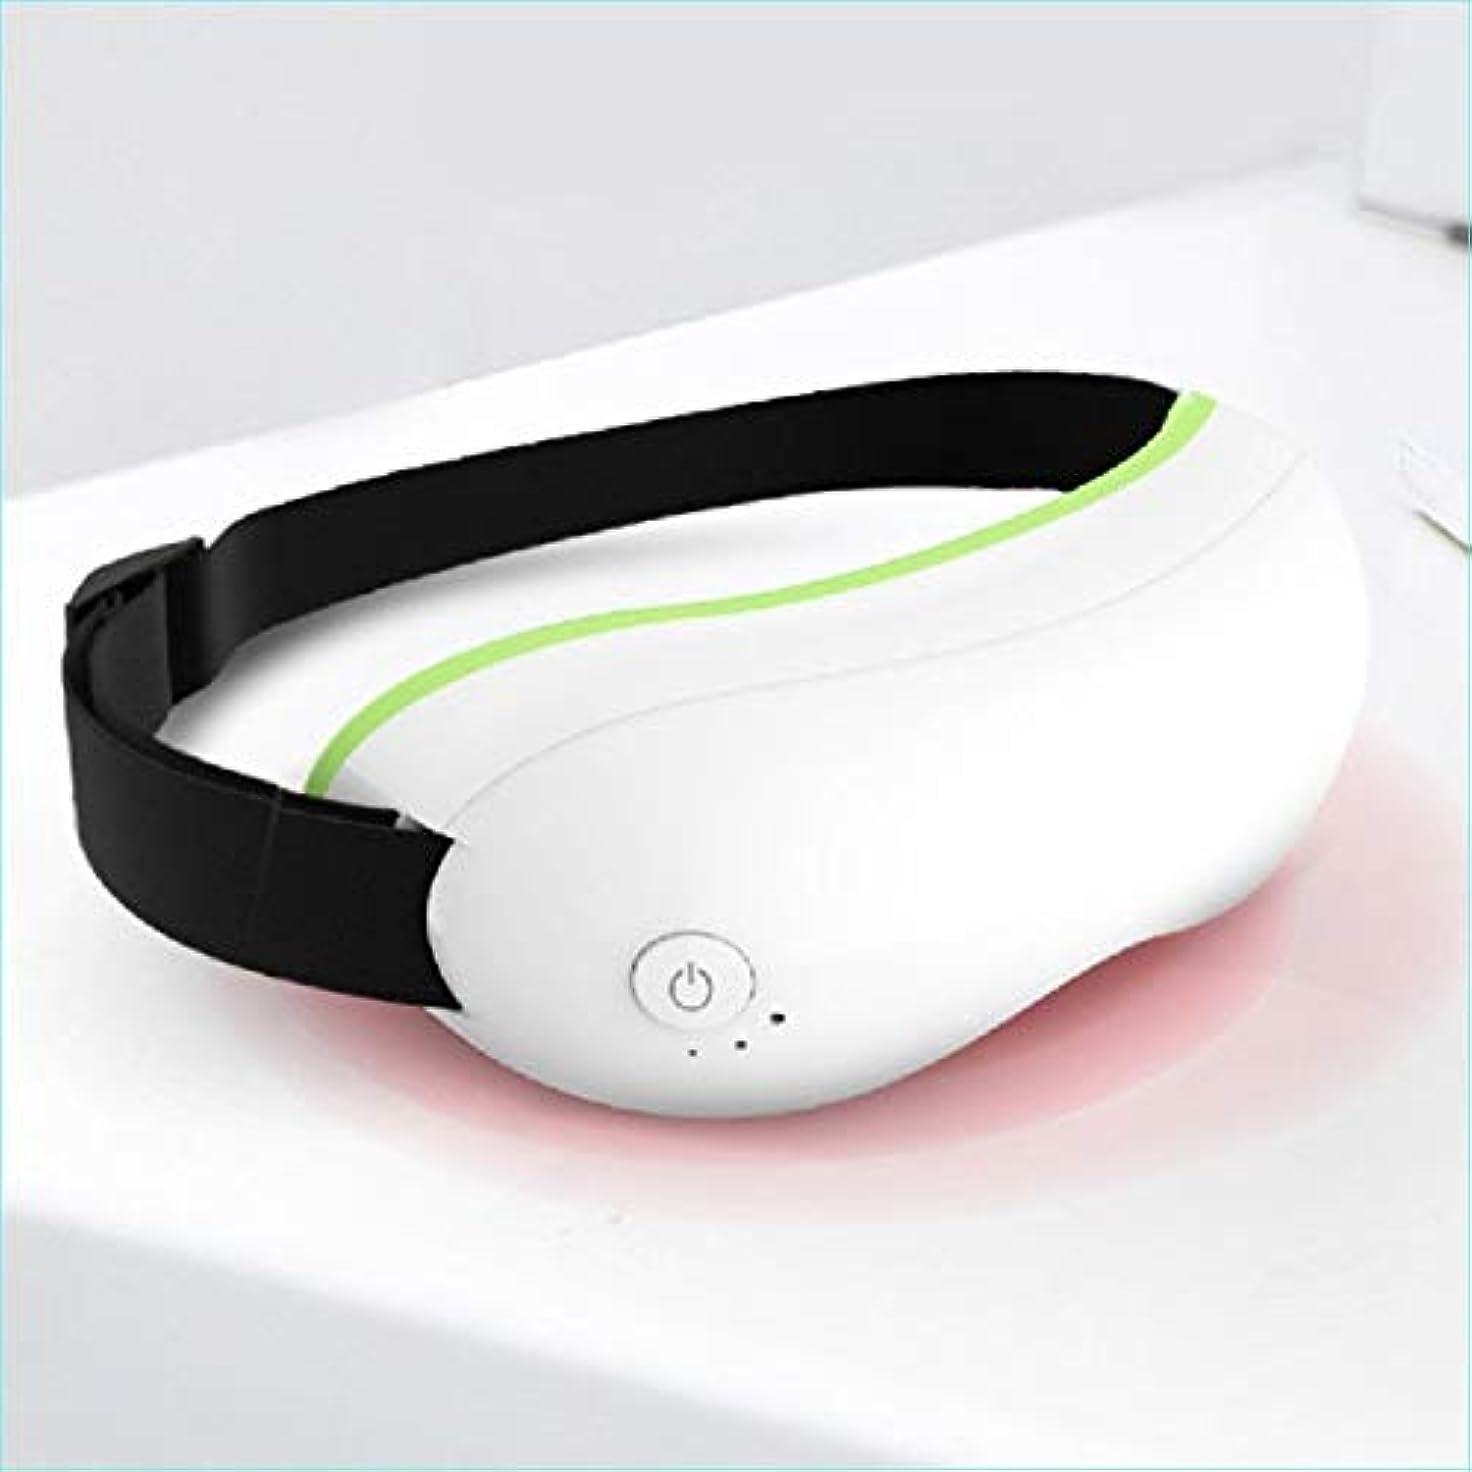 国籍開始卒業Ruzzy 暖房付きの高度な充電式ワイヤレスインテリジェント振動アイマッサージ 購入へようこそ (Color : White)